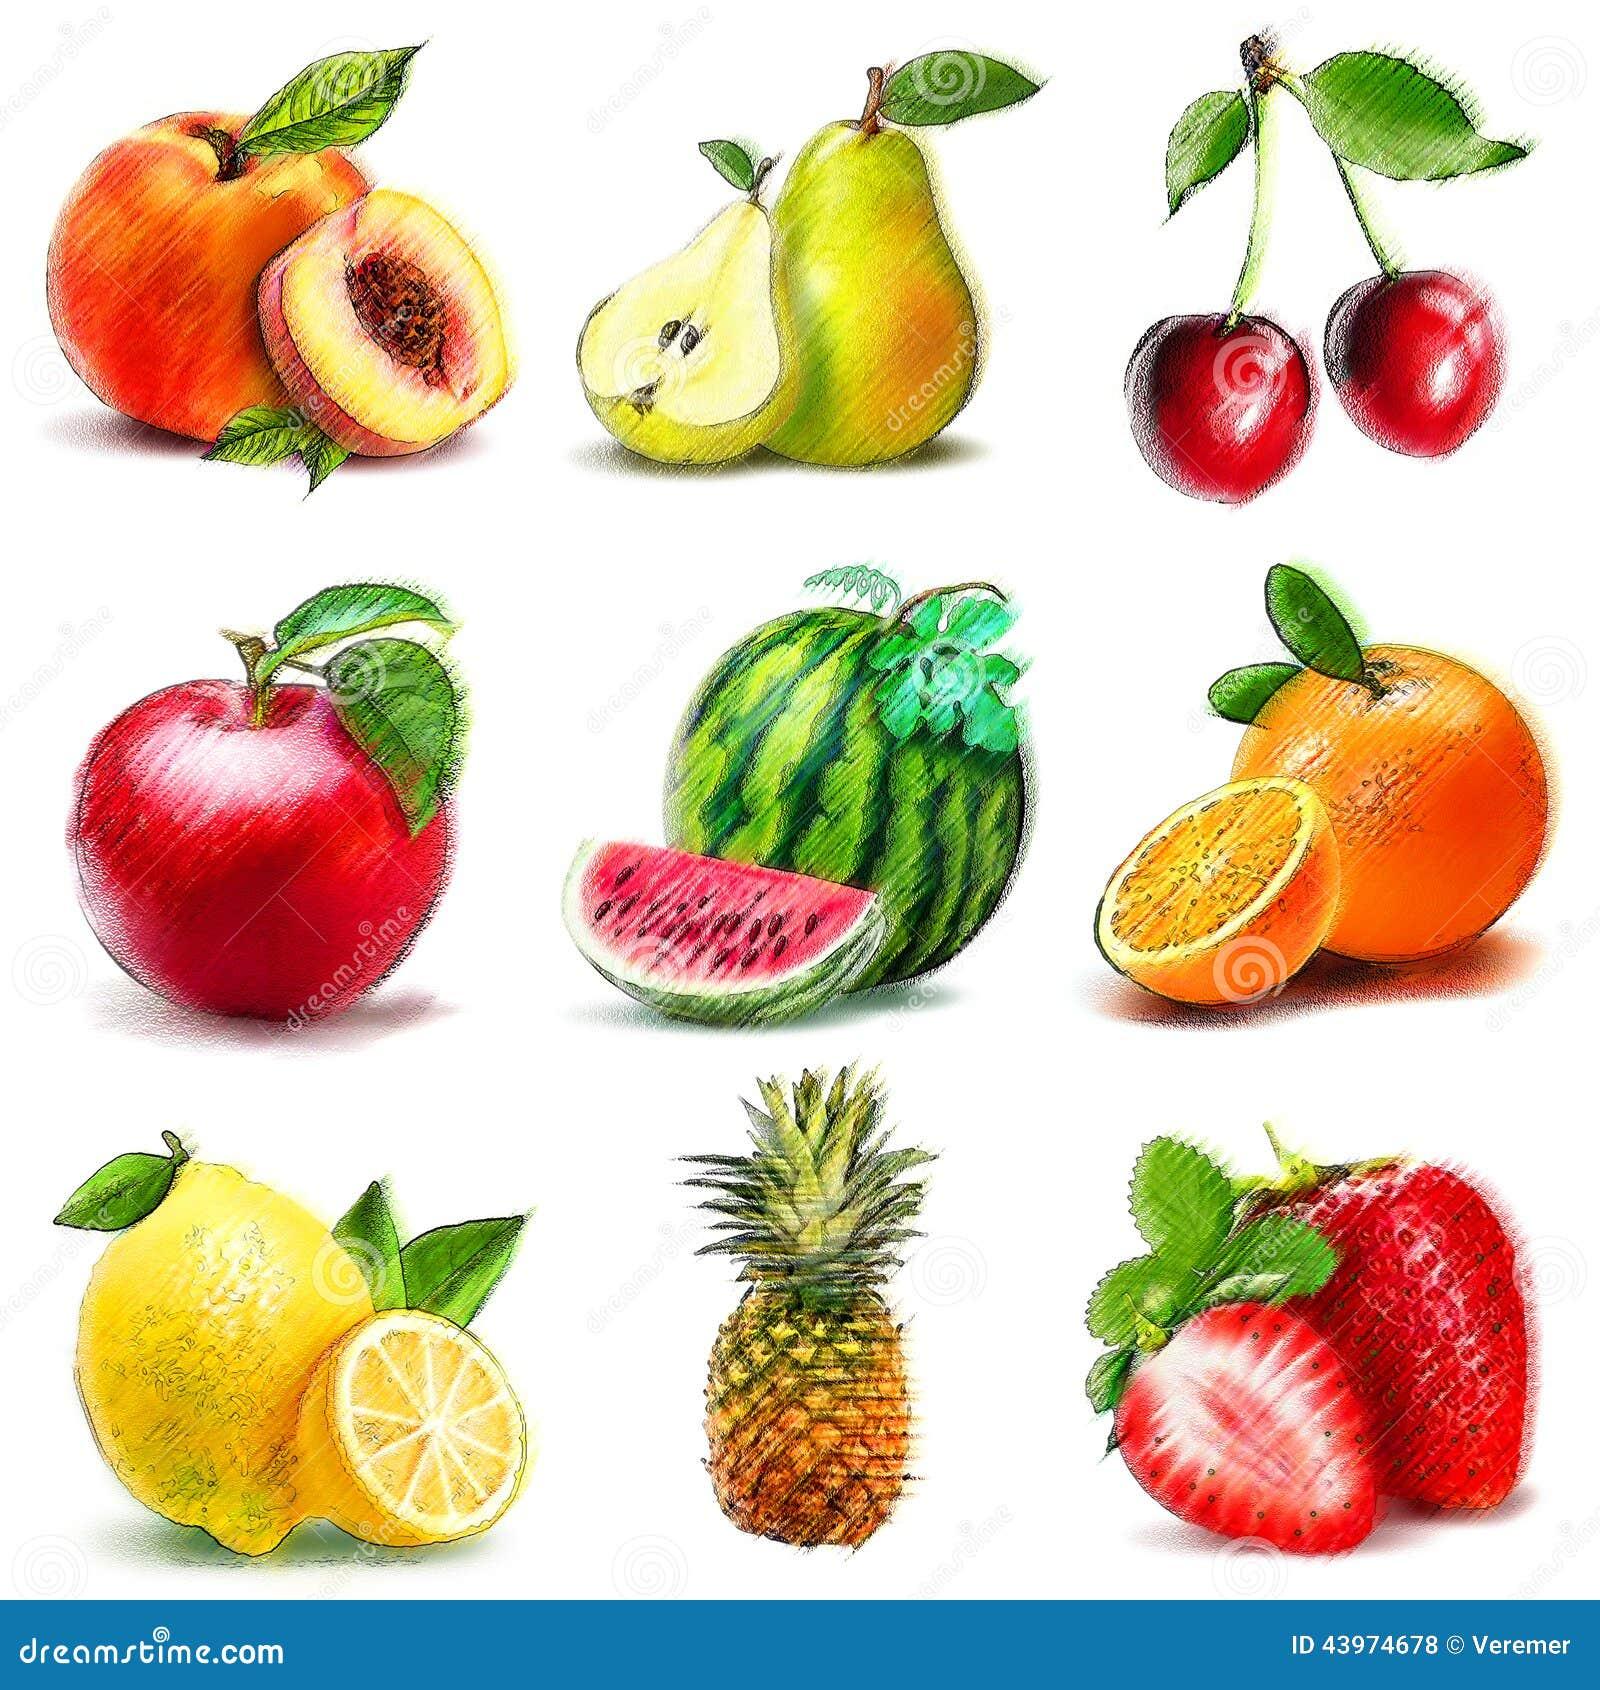 Snap Imagenes De Frutas A Color Para Recortar Y Decorar Imagenes De